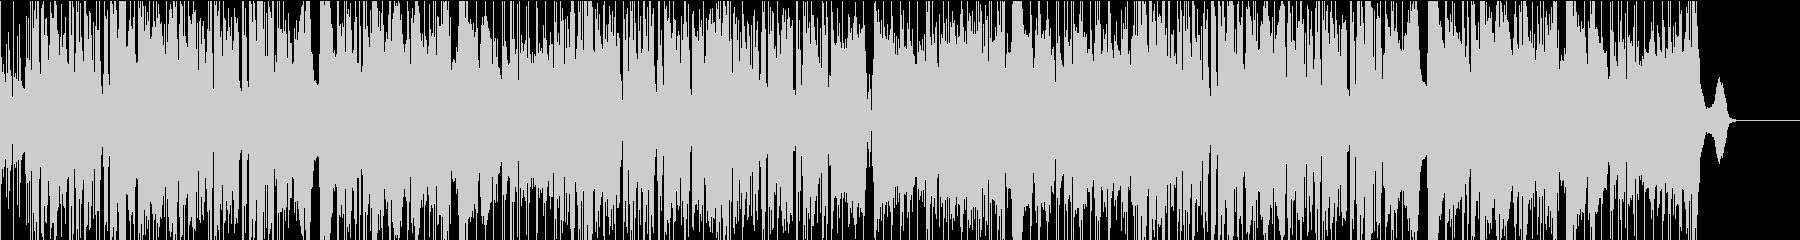 サックスの軽快なフュージョンの未再生の波形